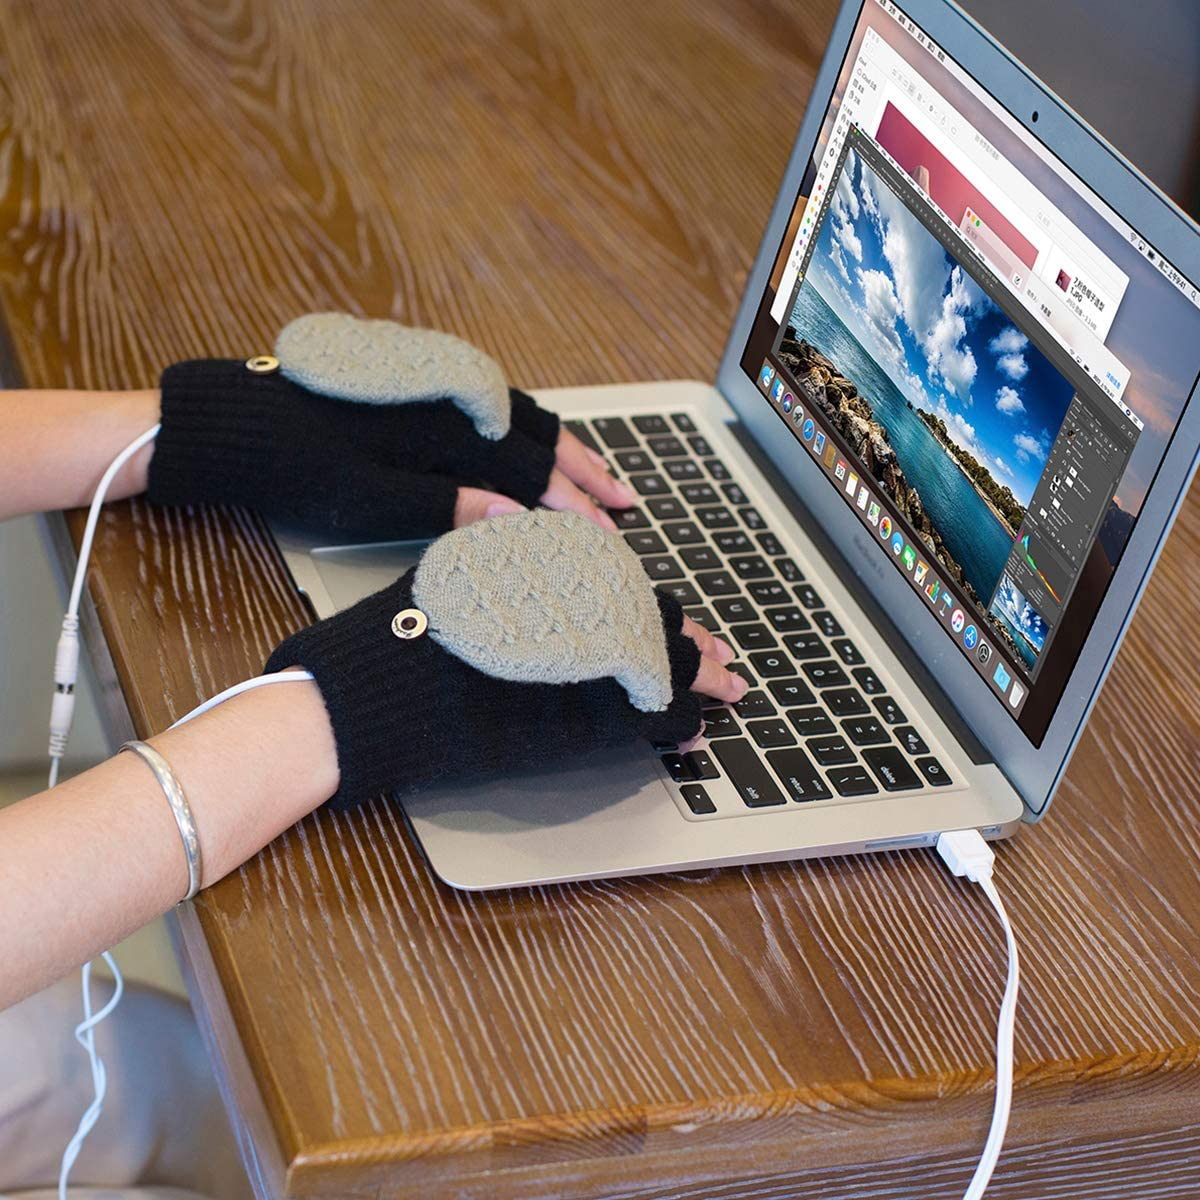 Eurobuy 1 par de Guantes calefactados por USB Invierno Completo y Medio Dedos Calefacci/ón Guantes calefactados para Hombres Manopla Mano c/álida port/átil